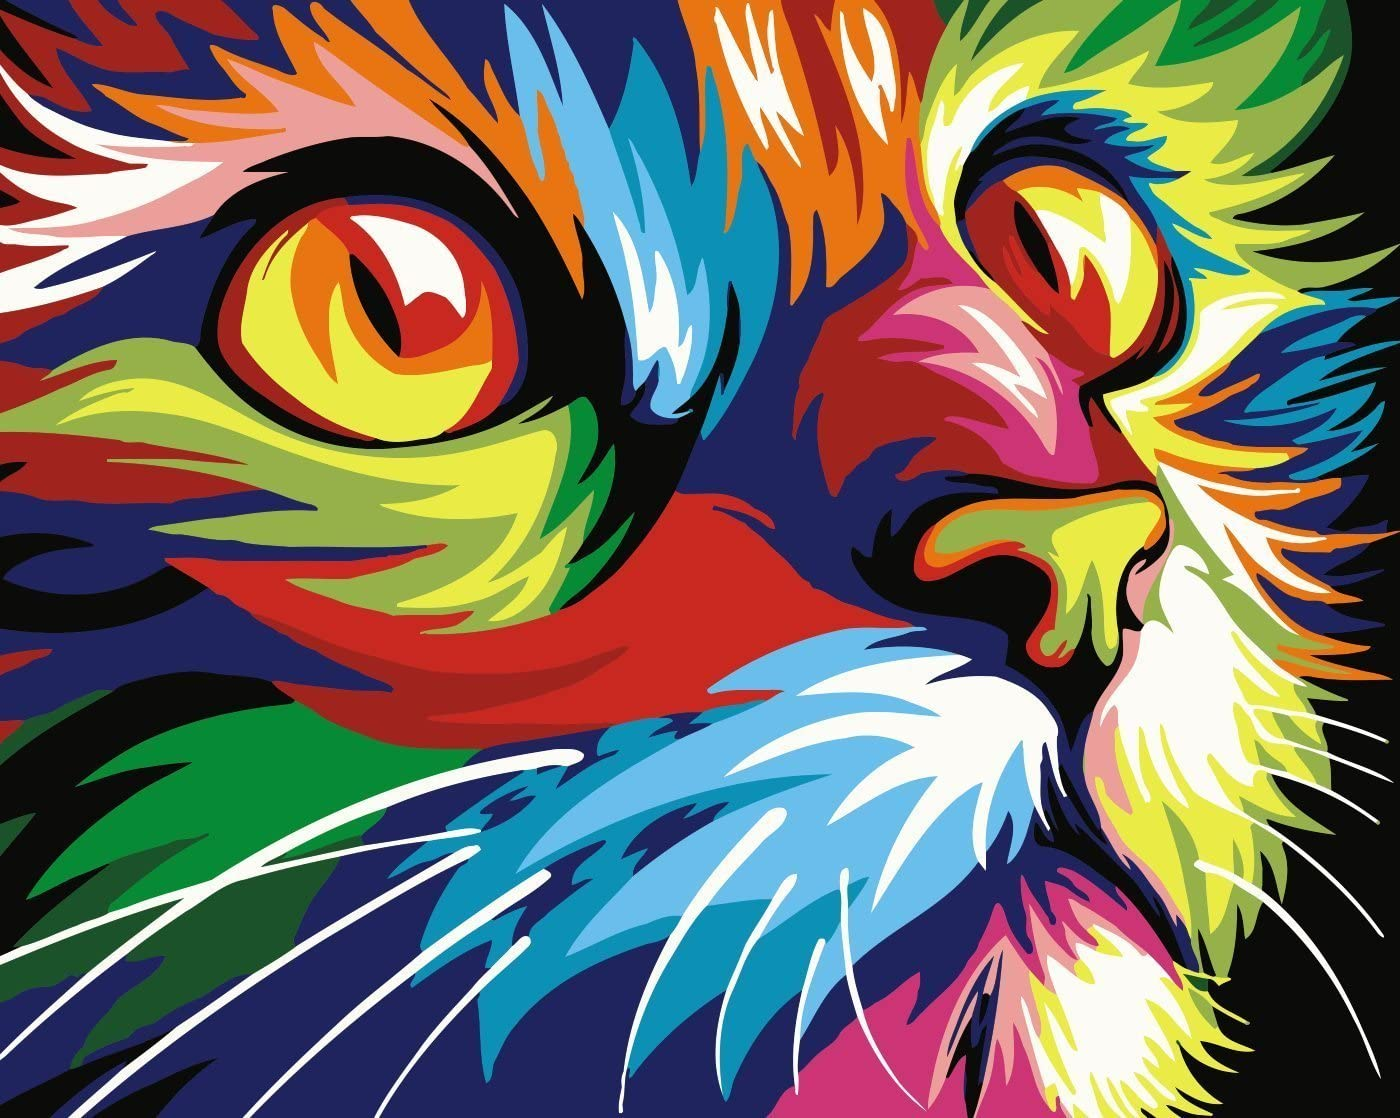 Fuumuui Lienzo de Bricolaje Regalo de Pintura al óleo para Adultos niños Pintura por número Kits Decoraciones para el hogar -Gato Colorido 16 * 20 Pulgadas